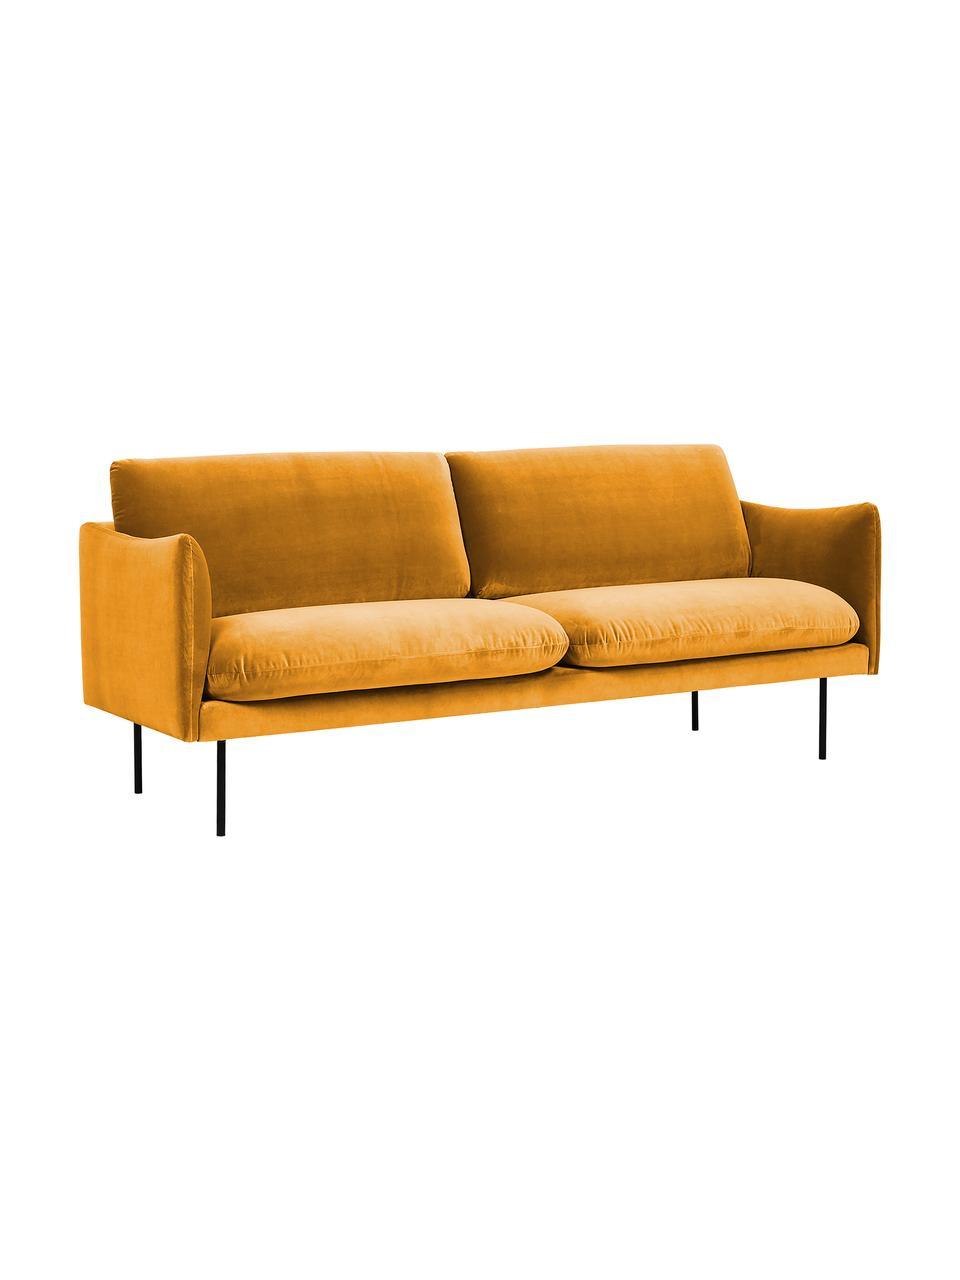 Fluwelen bank Moby (2-zits) in mosterdgeel met metalen poten, Bekleding: fluweel (hoogwaardig poly, Frame: massief grenenhout, Poten: gepoedercoat metaal, Fluweel mosterdgeel, B 170 x D 95 cm